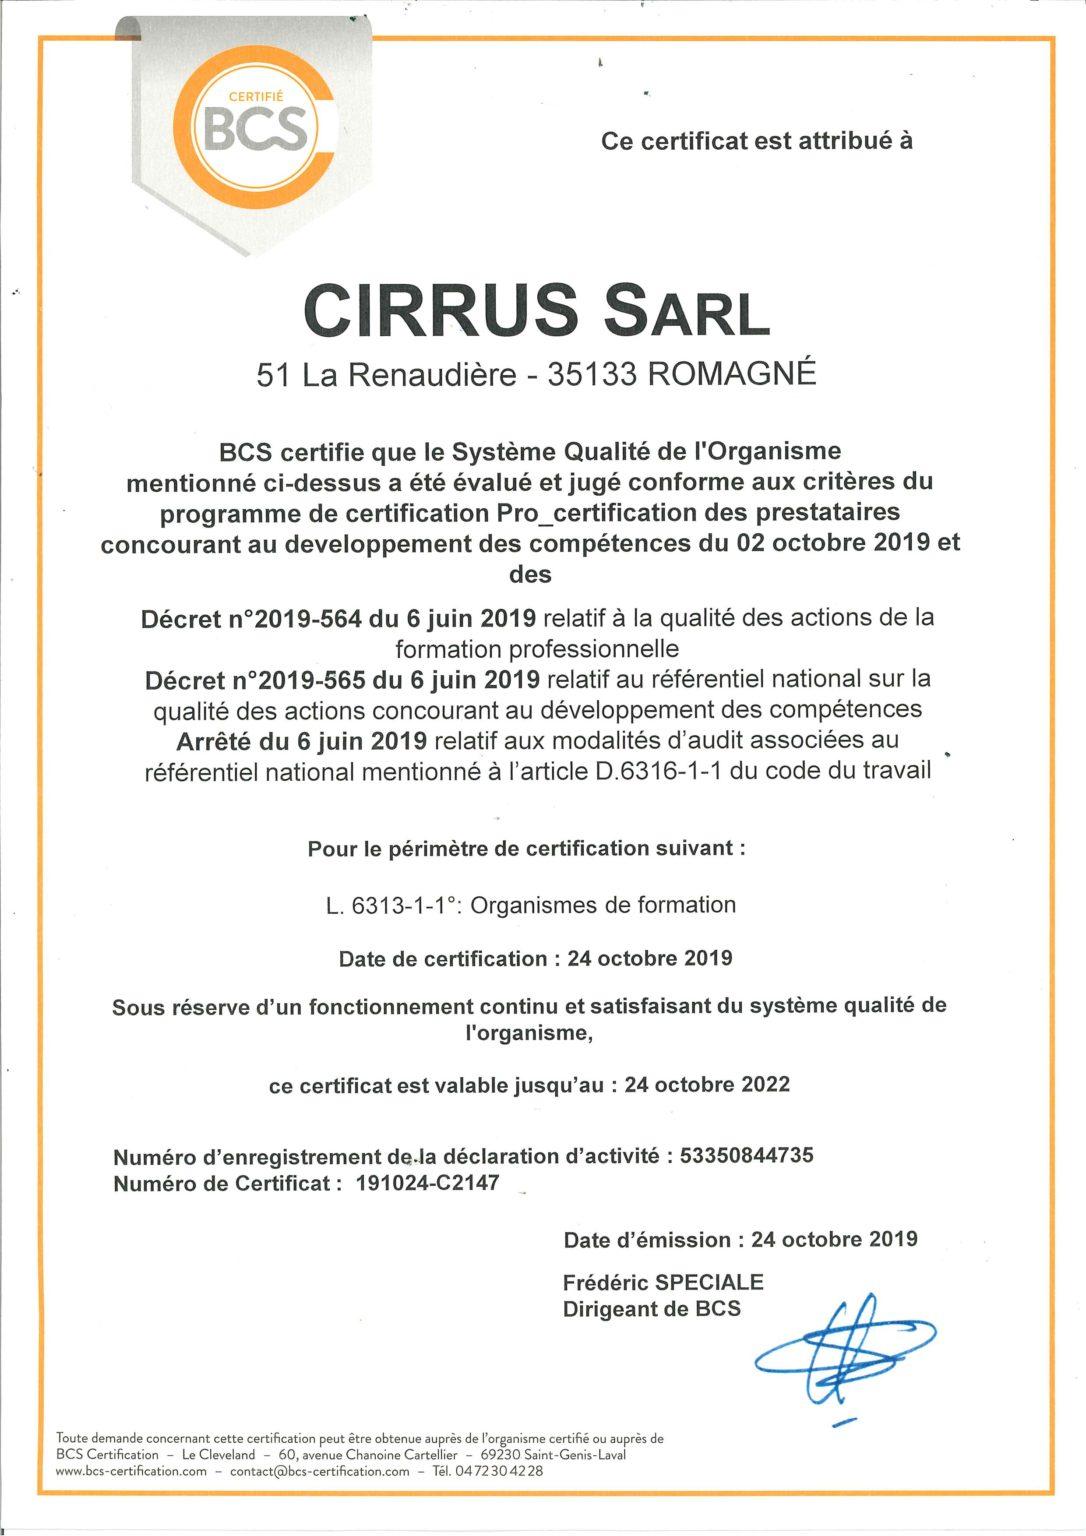 Certificat référentiel national qualité cirrus sarl organisme de formation